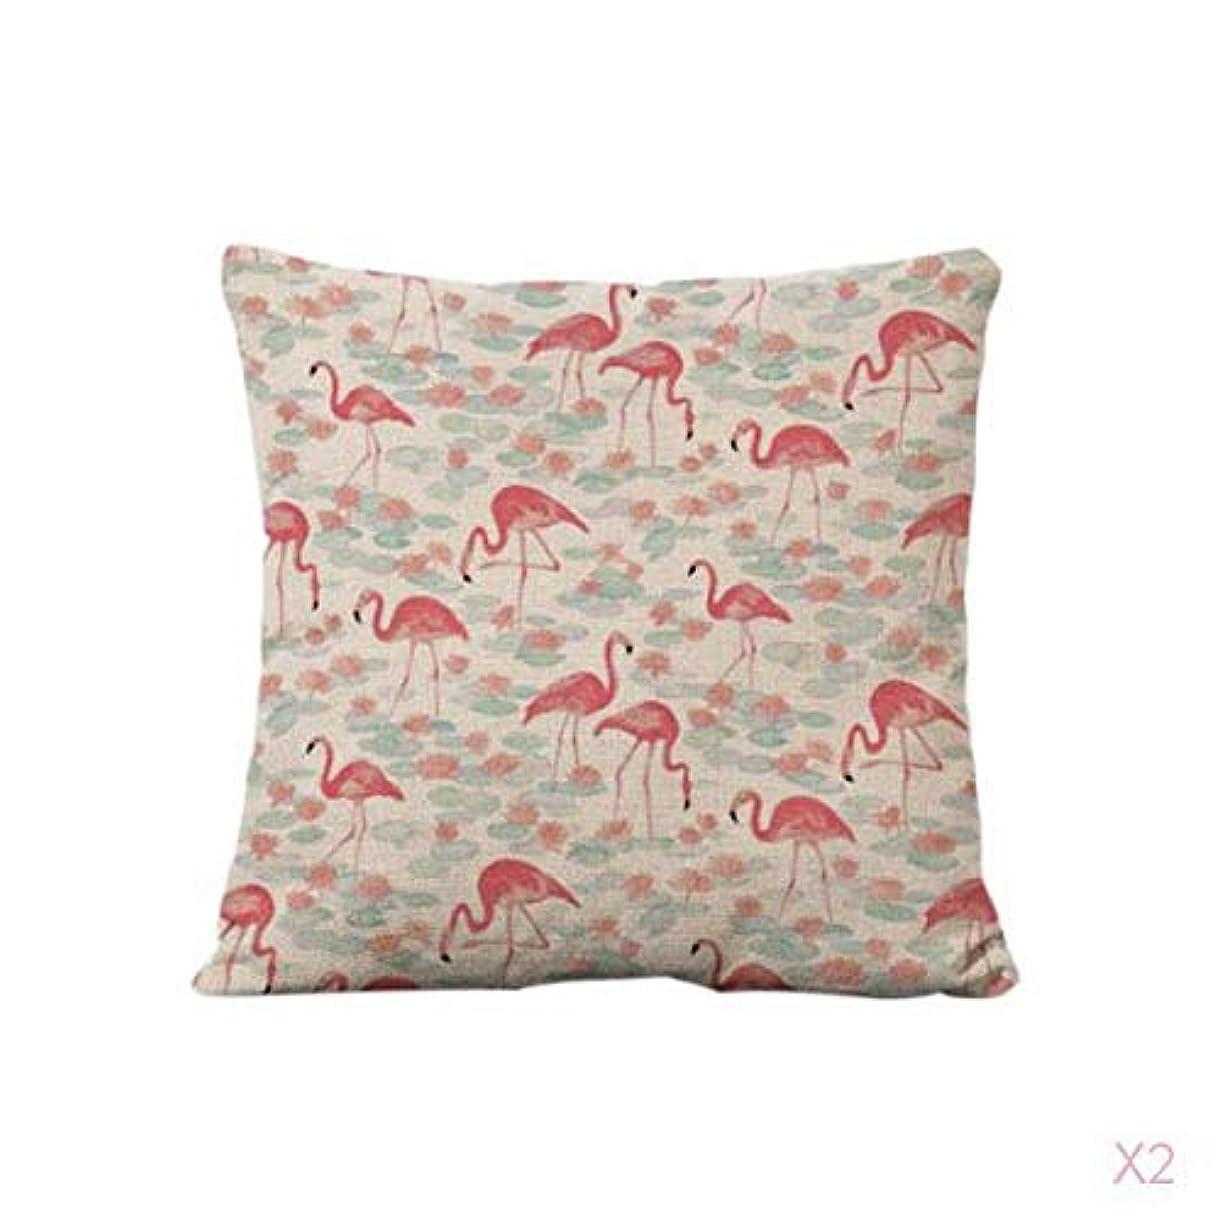 破産隠す歩行者FutuHome コットンリネンスロー枕カバークッションカバーソファ家の装飾フラミンゴ#2